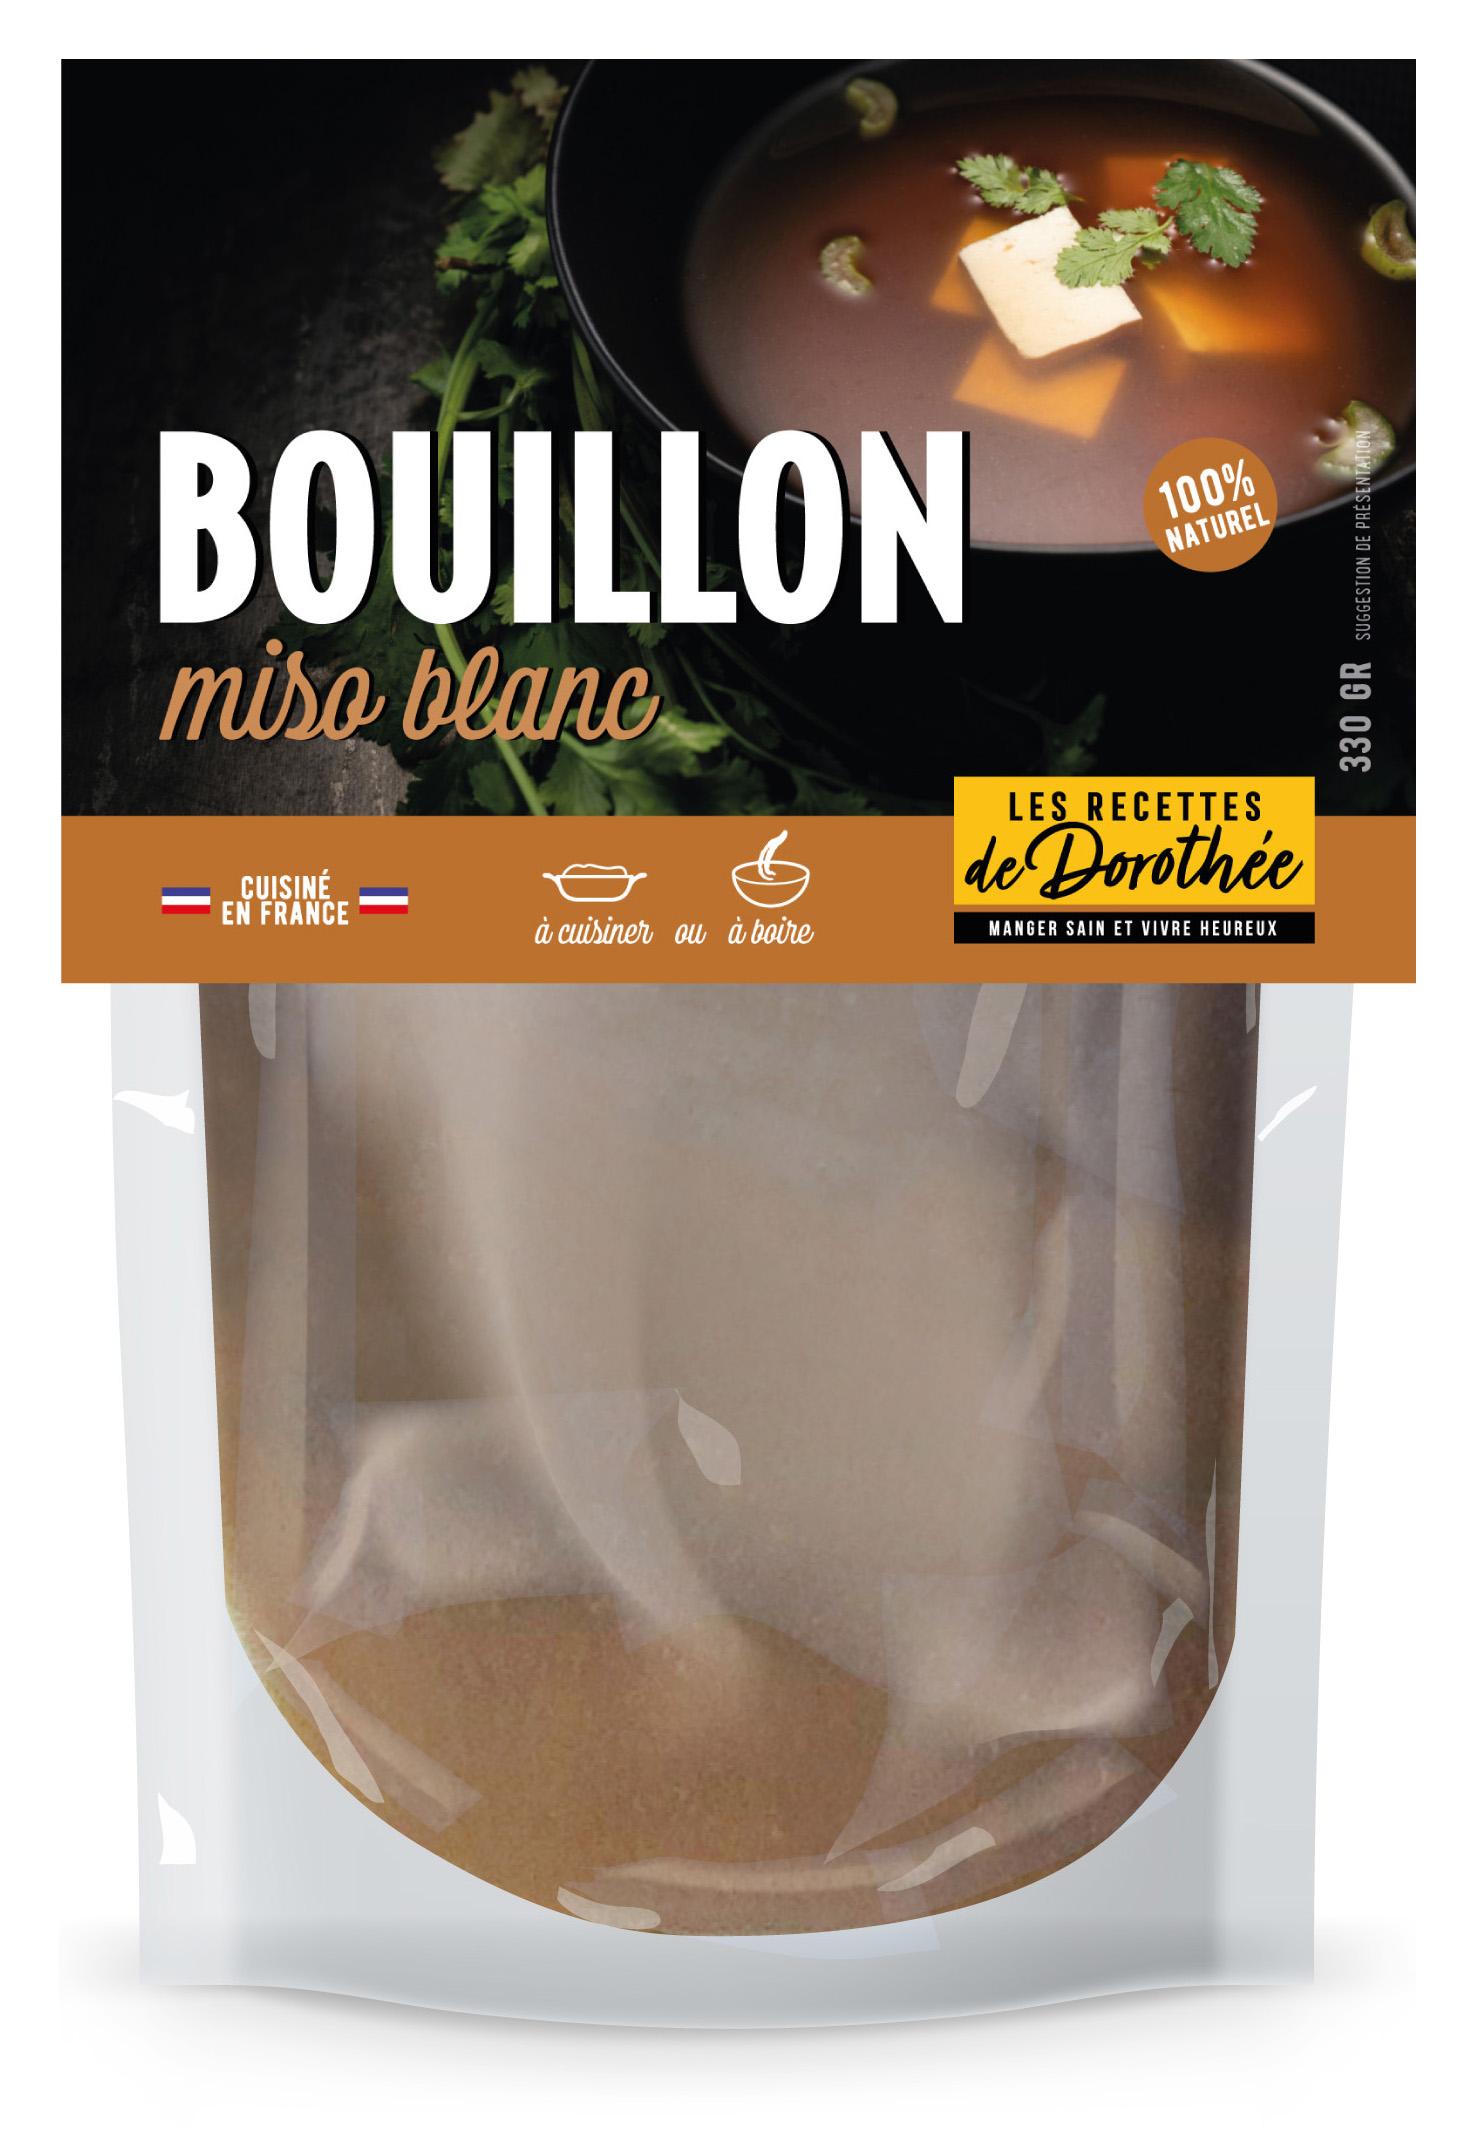 LRD Doypack miso - BOUILLON, des bouillons frais 100% naturels